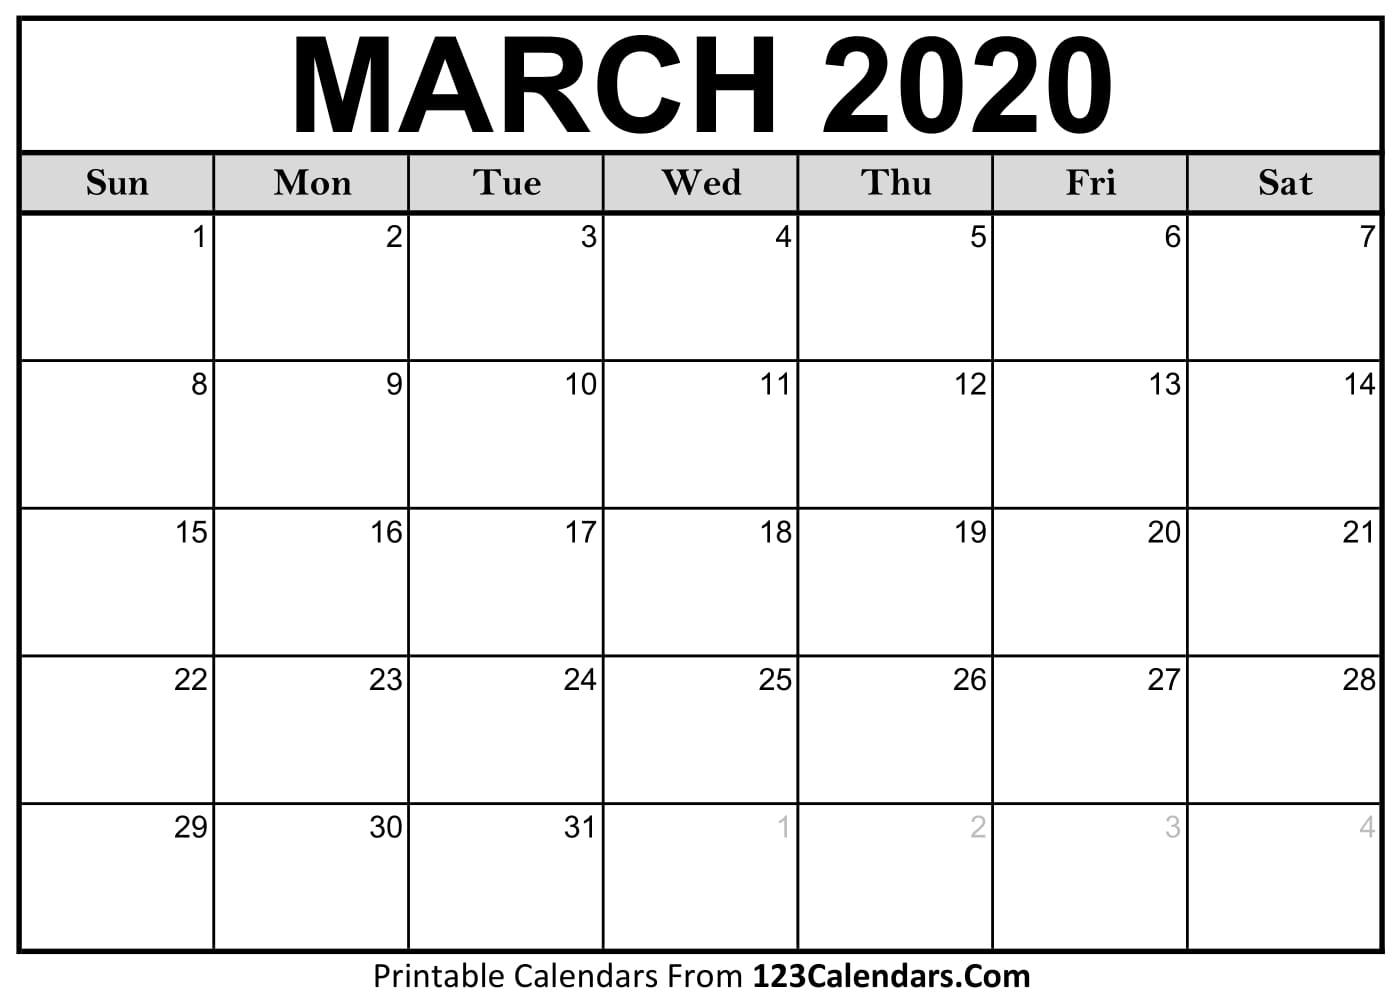 March 2020 Printable Calendar | 123Calendars com